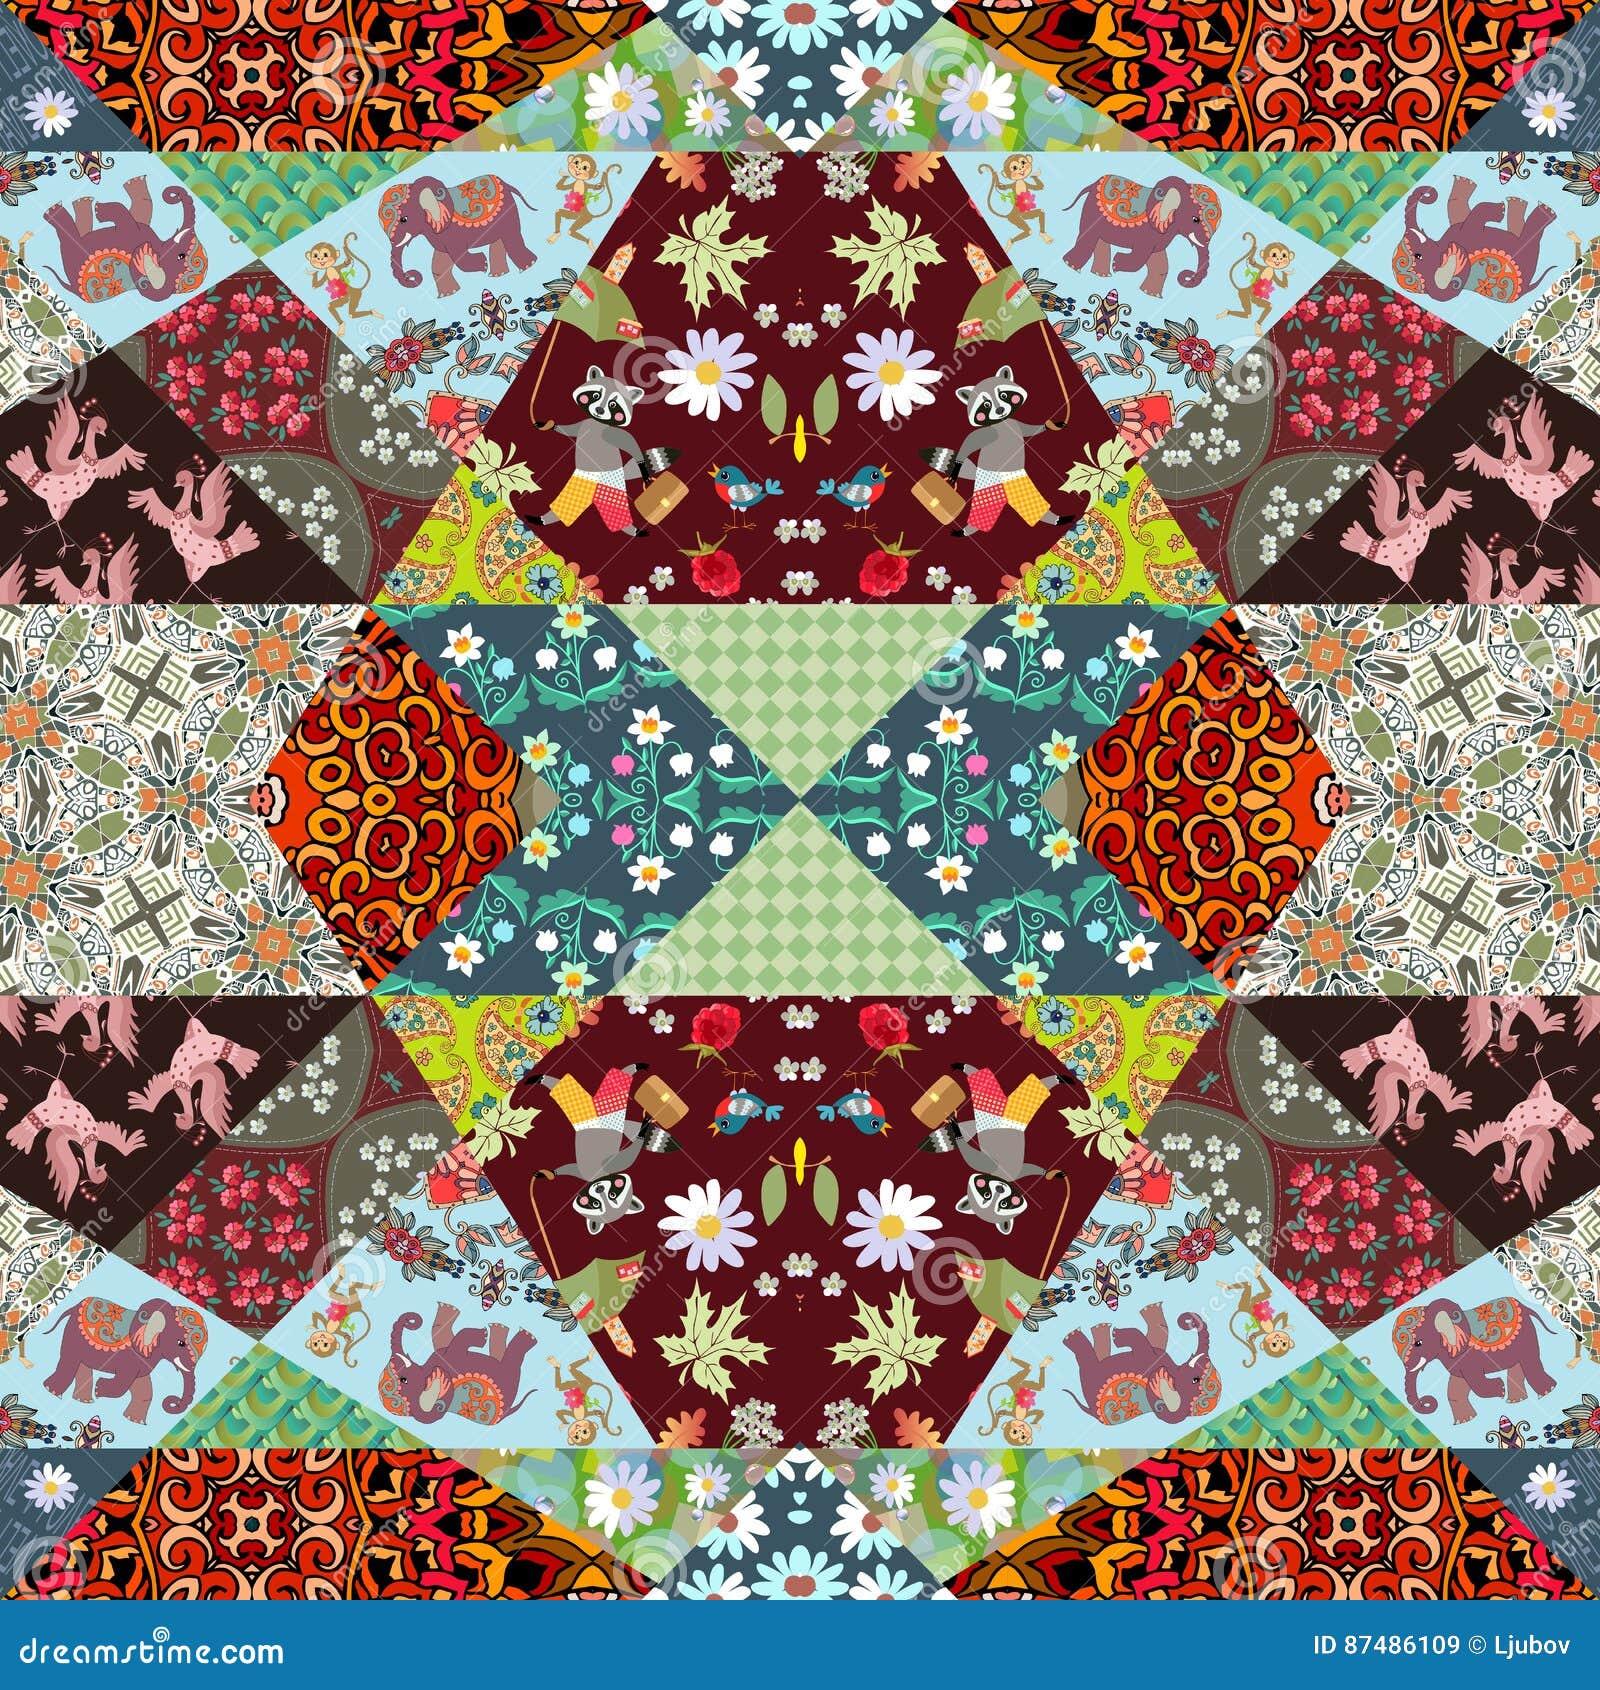 Kinder Quilt Patronen.Vierkante Lapwerkdeken Met Leuke Dieren Bloemen En Abstracte